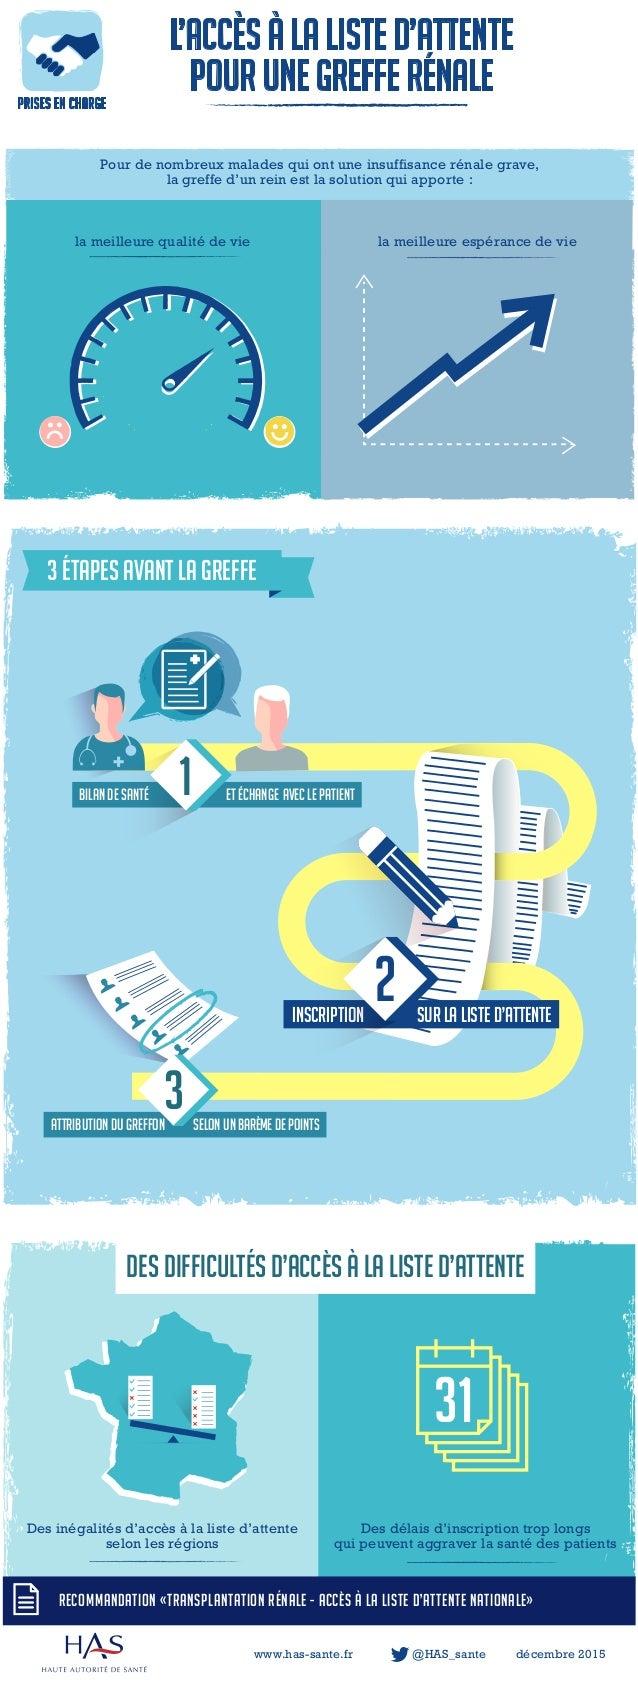 Bilan de santé et échange avec le patient inscription sur la liste d'attente 2 DES difficultés d'accès à la liste d'attent...